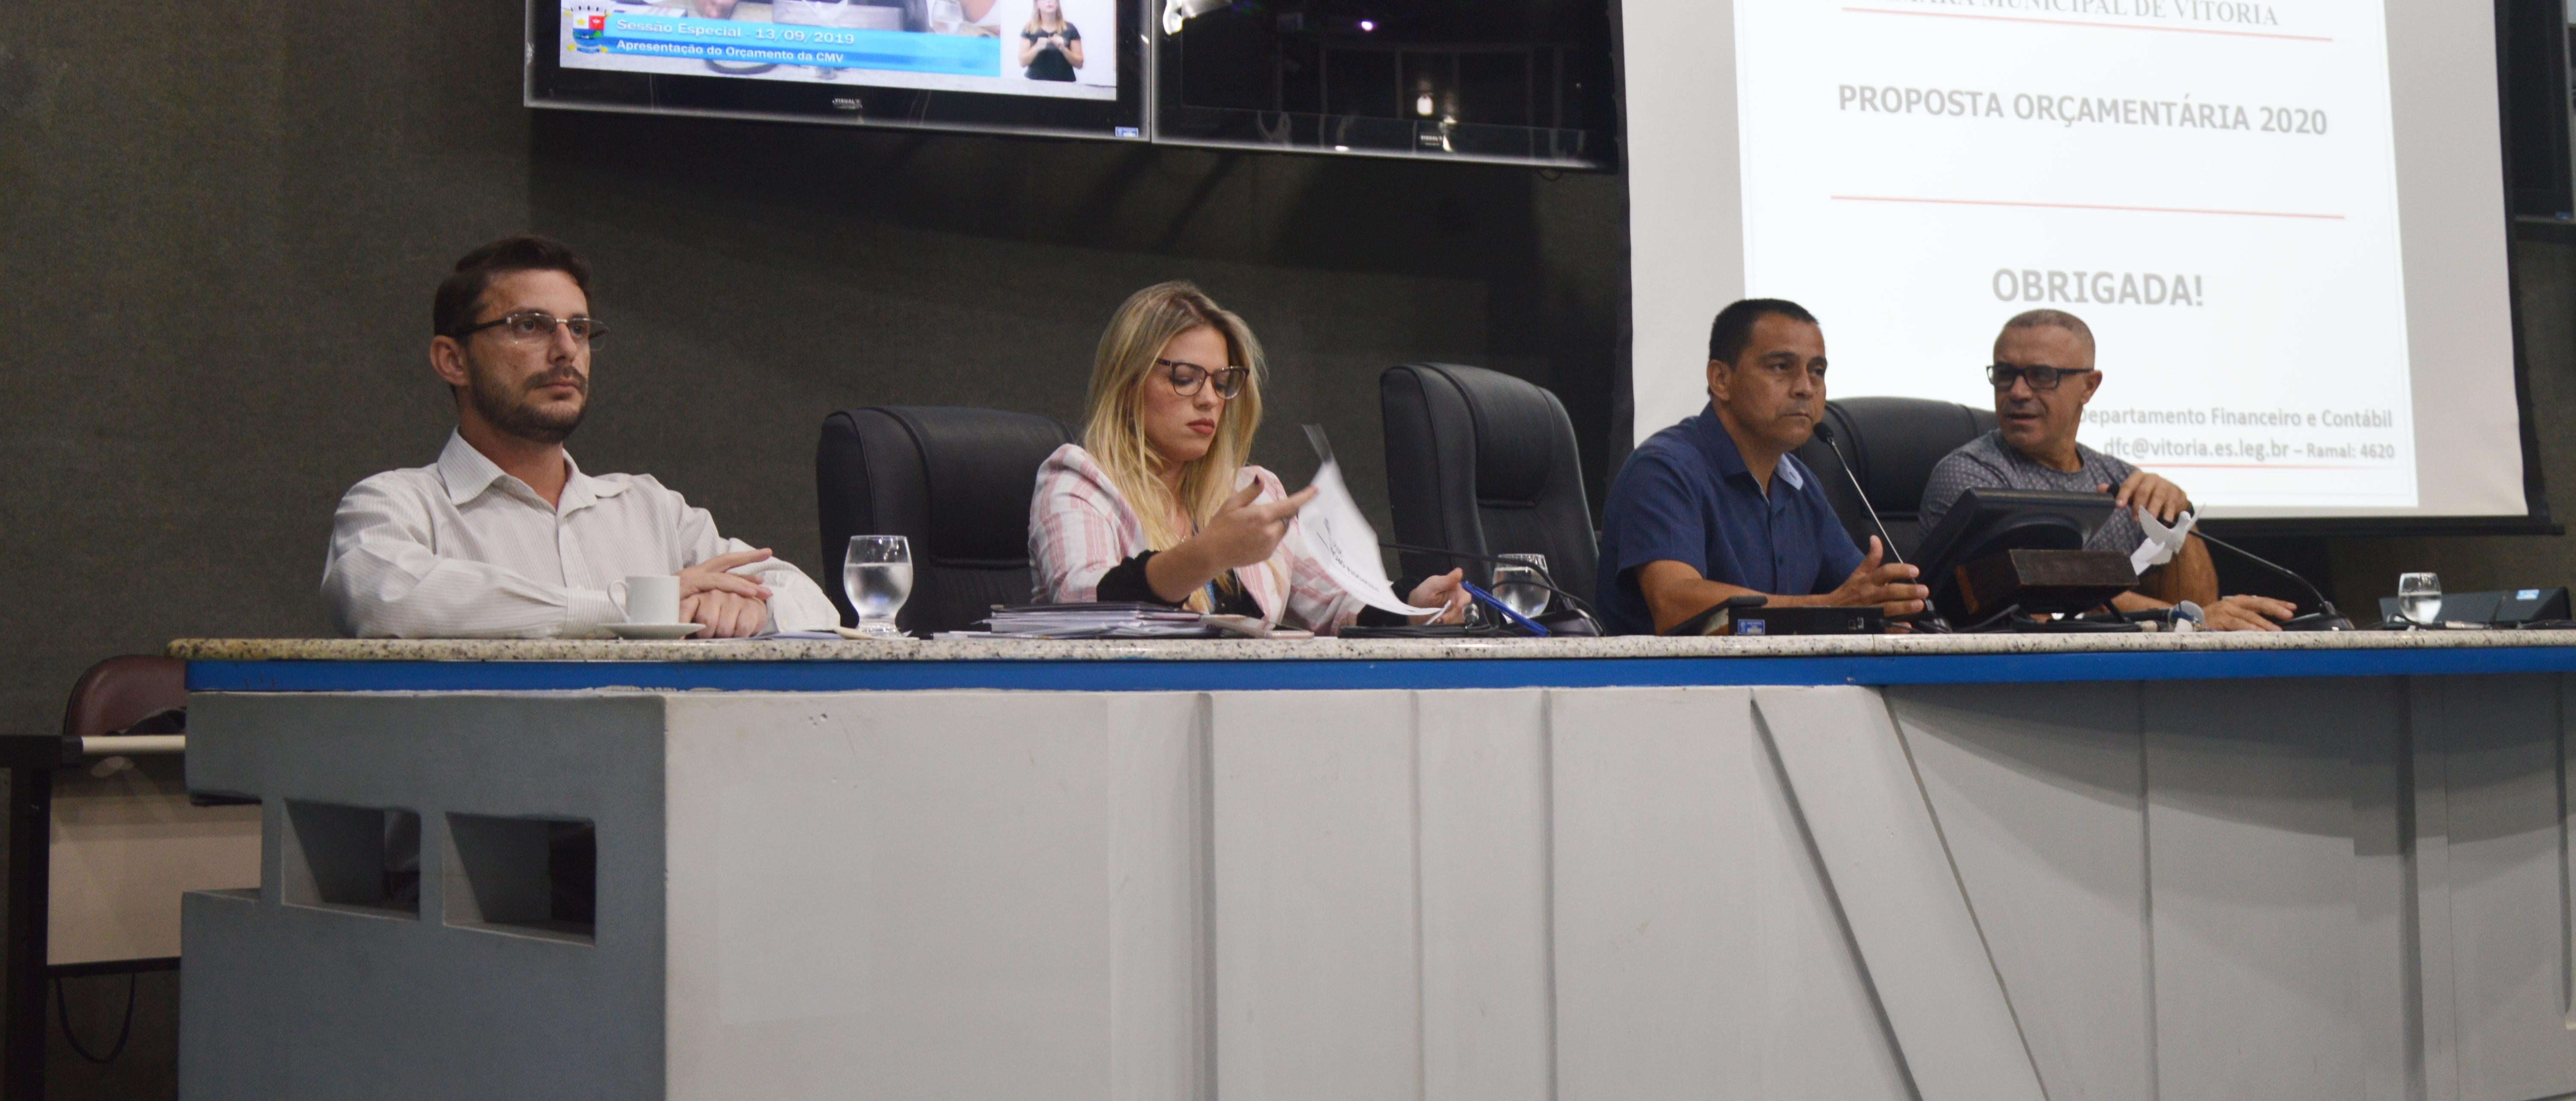 Câmara de Vitória apresenta com transparência Previsão Orçamentaria para 2020 nesta sexta-feira (13/09)